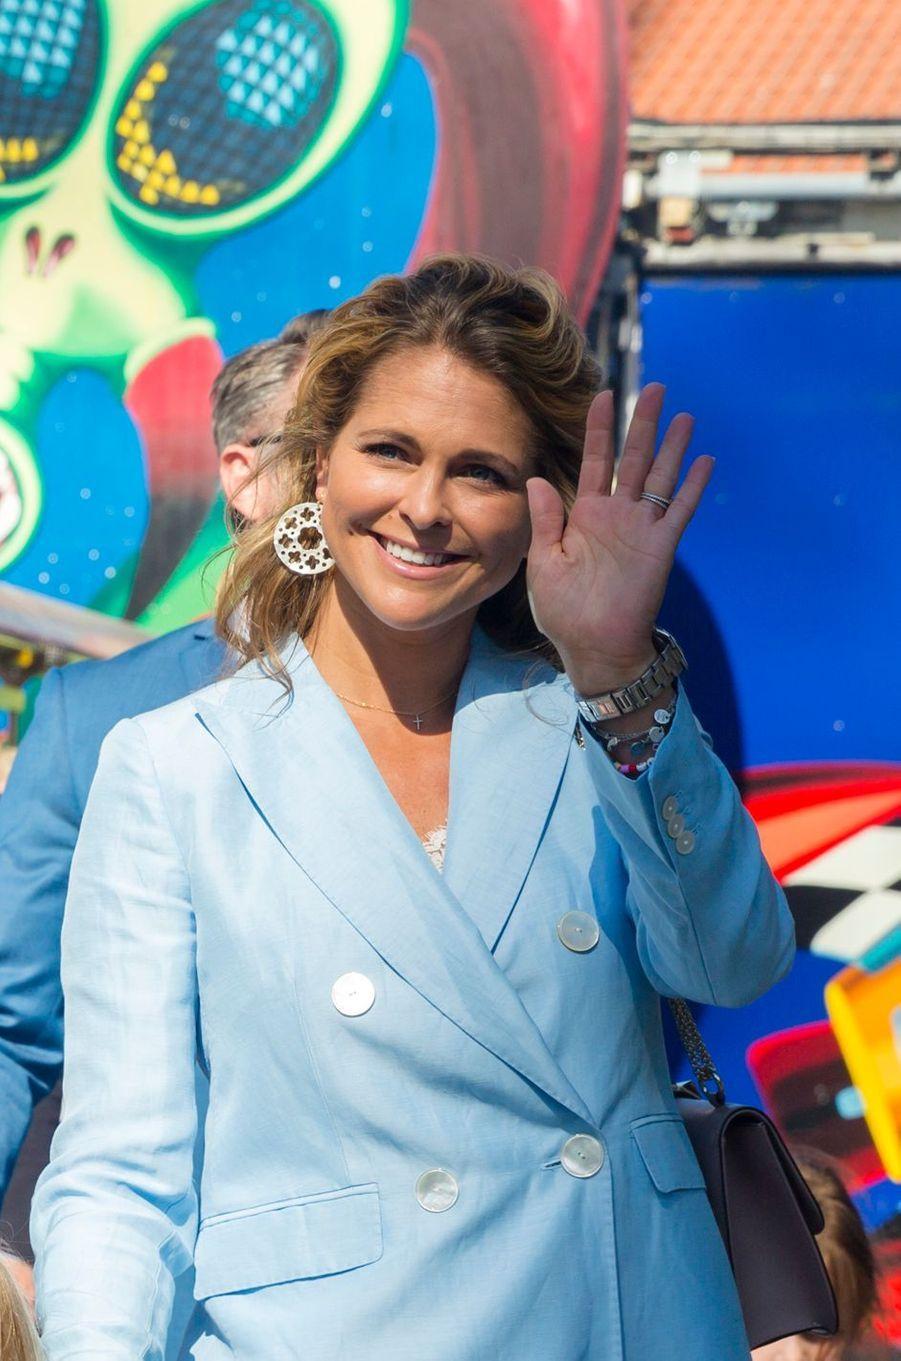 La princesse Madeleine de Suède au parc d'attractions Gröna Lund à Stockholm, le 27 mai 2018